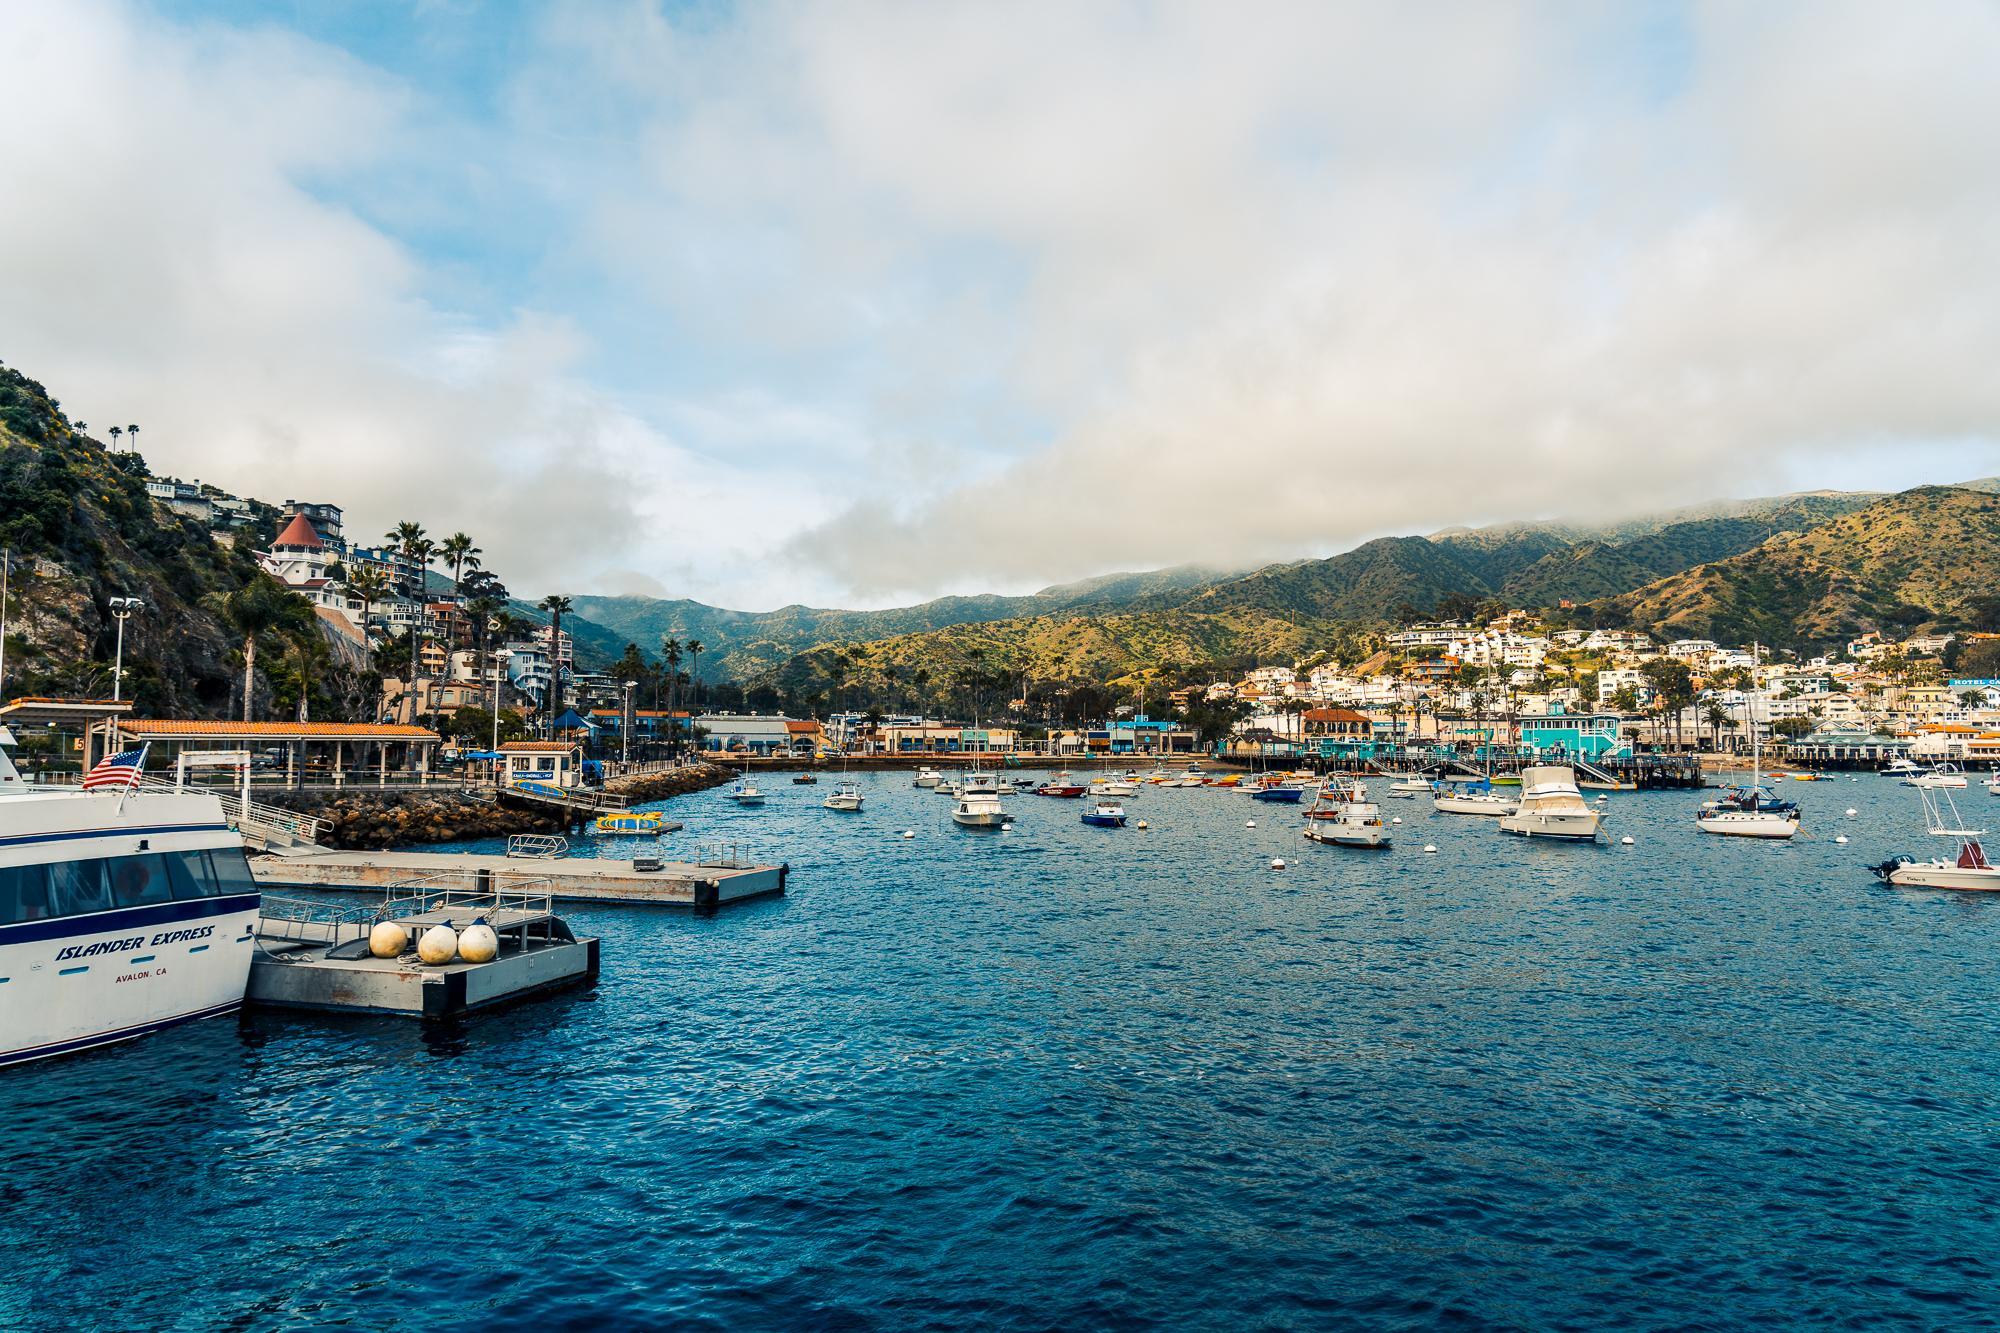 Port town of Avalon, Santa Catalina Island